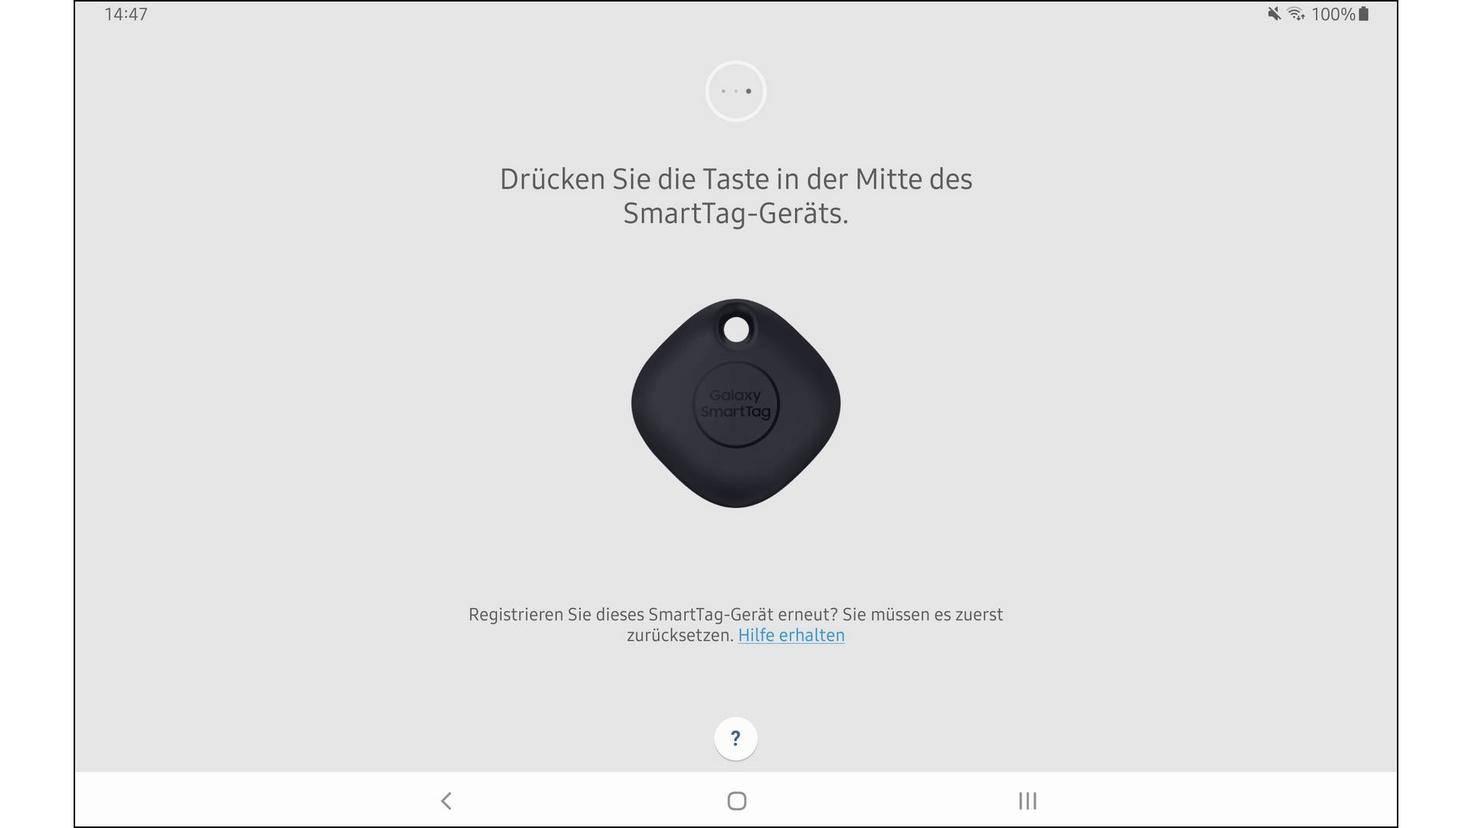 Drücke einmal den Button in der Mitte des Smart Tags und folge dann den weiteren Anweisungen in der App.